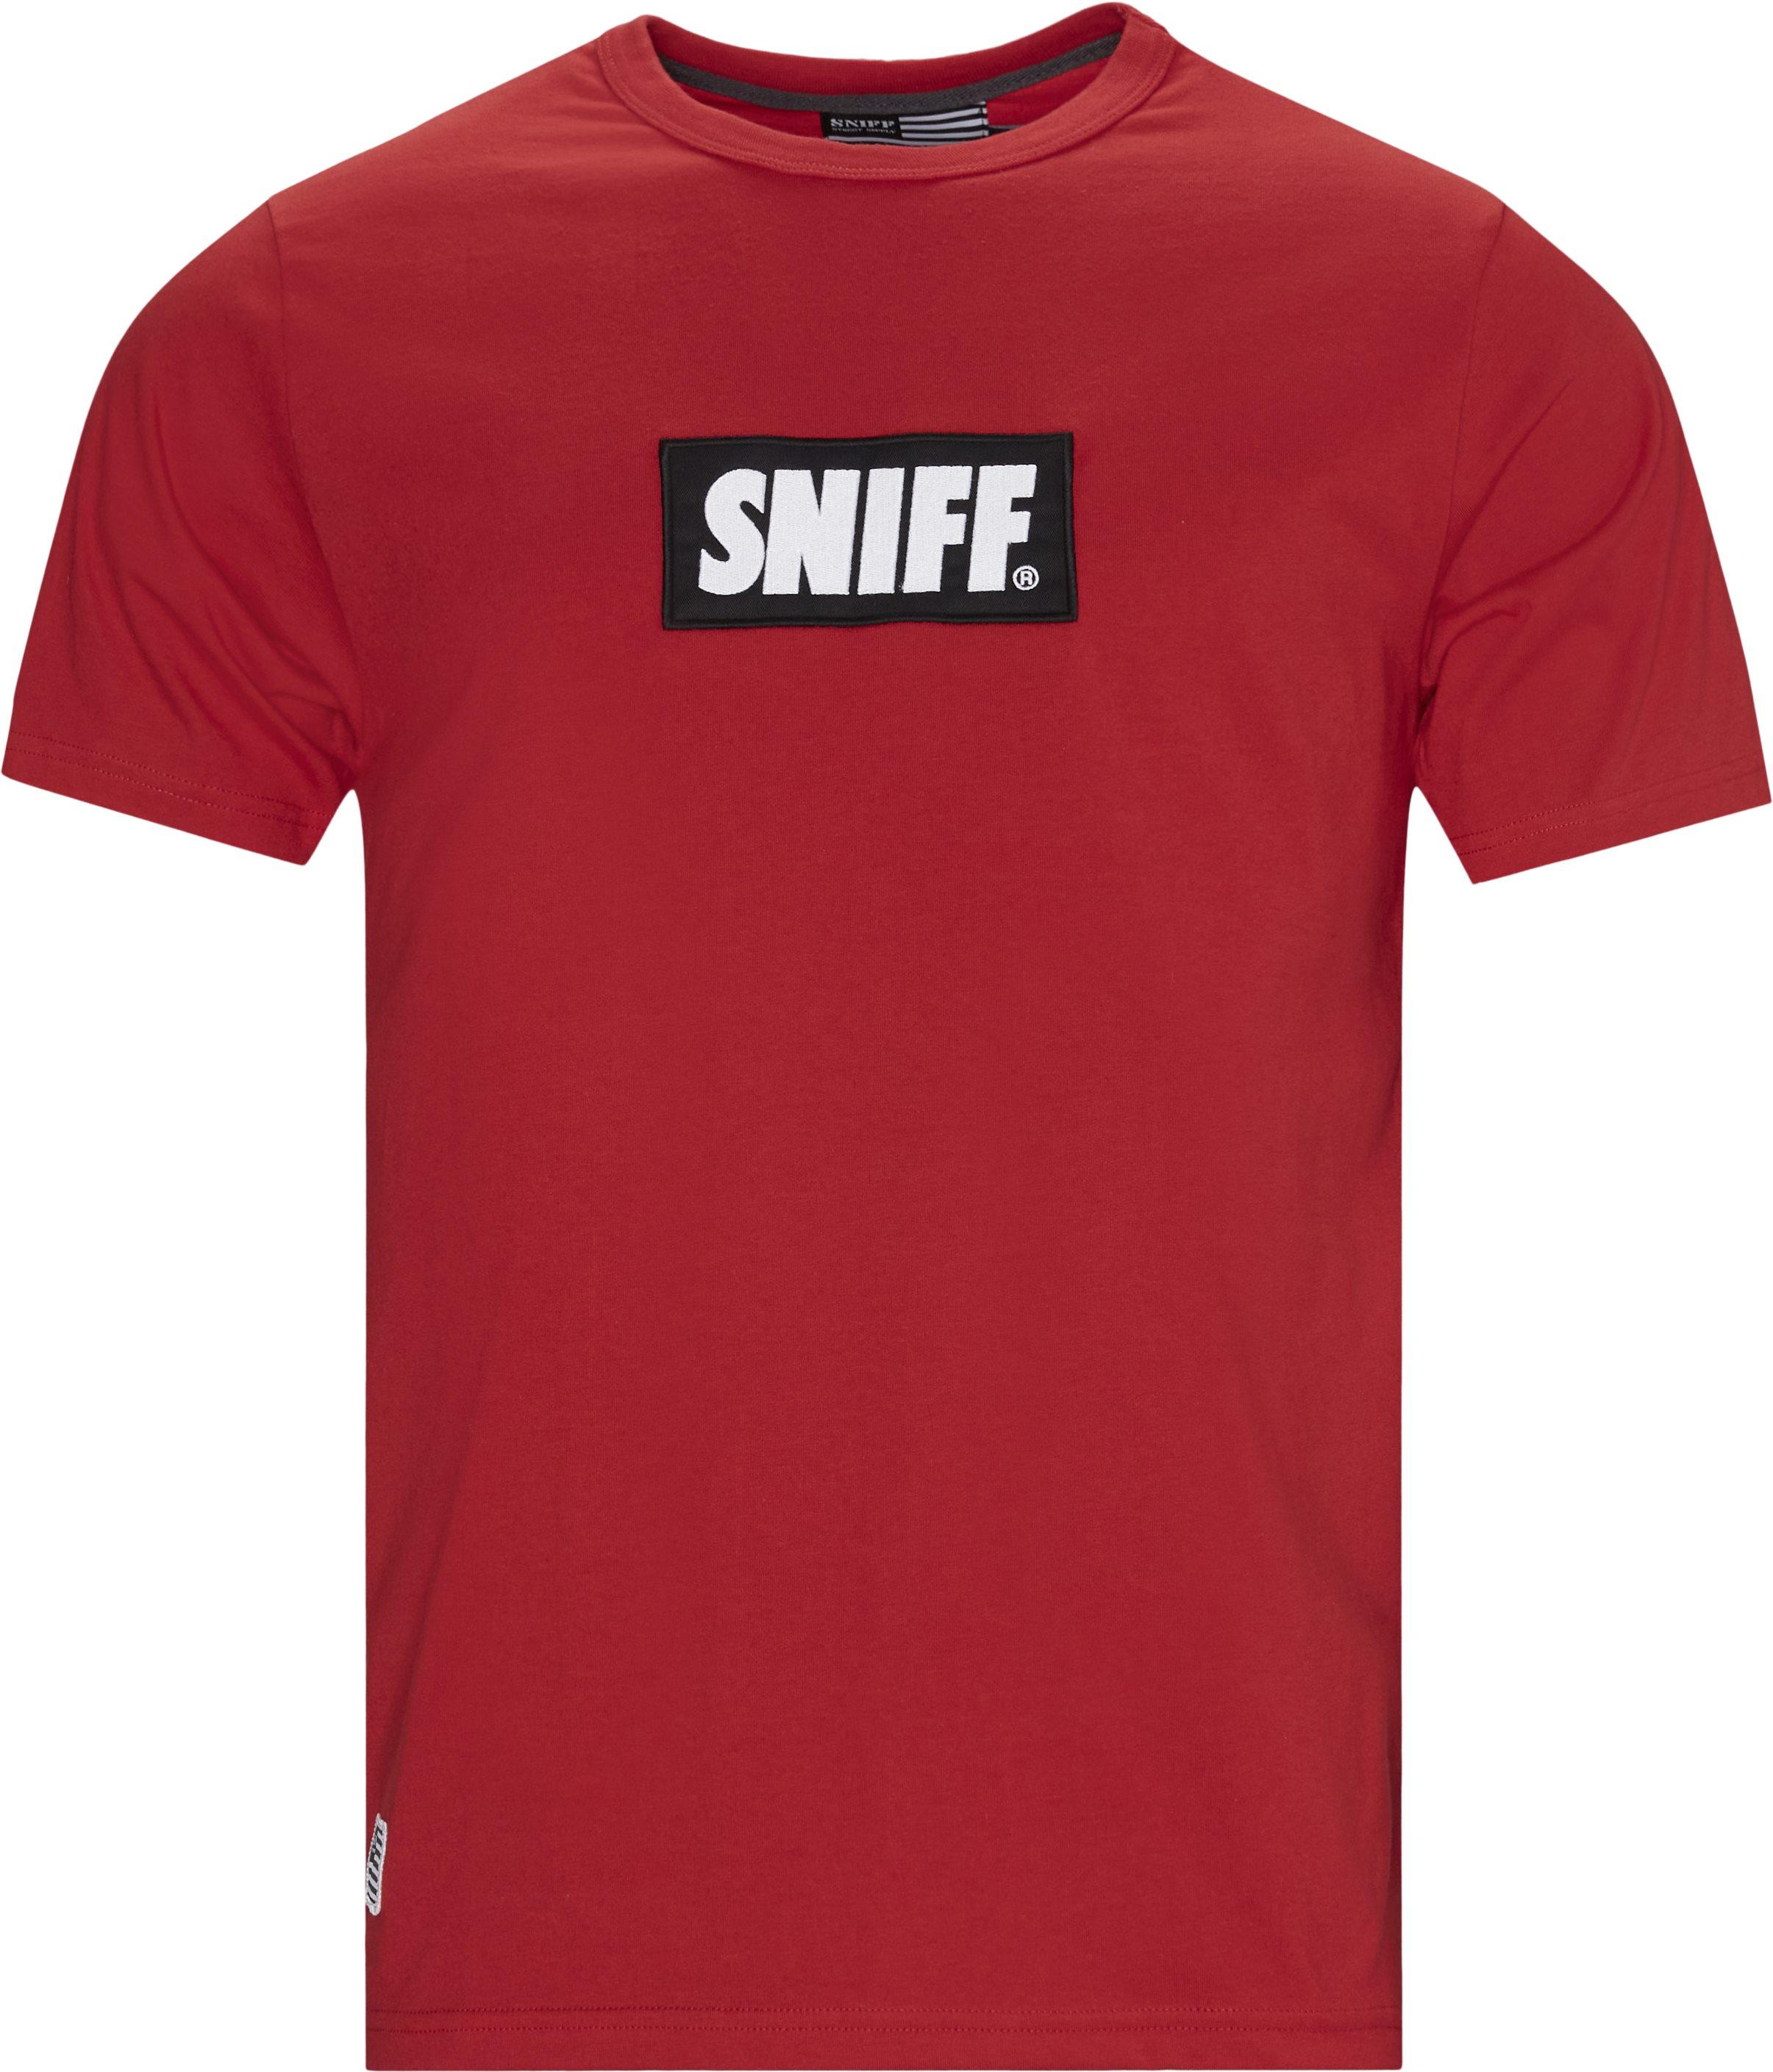 Taos Tee - T-shirts - Regular - Red